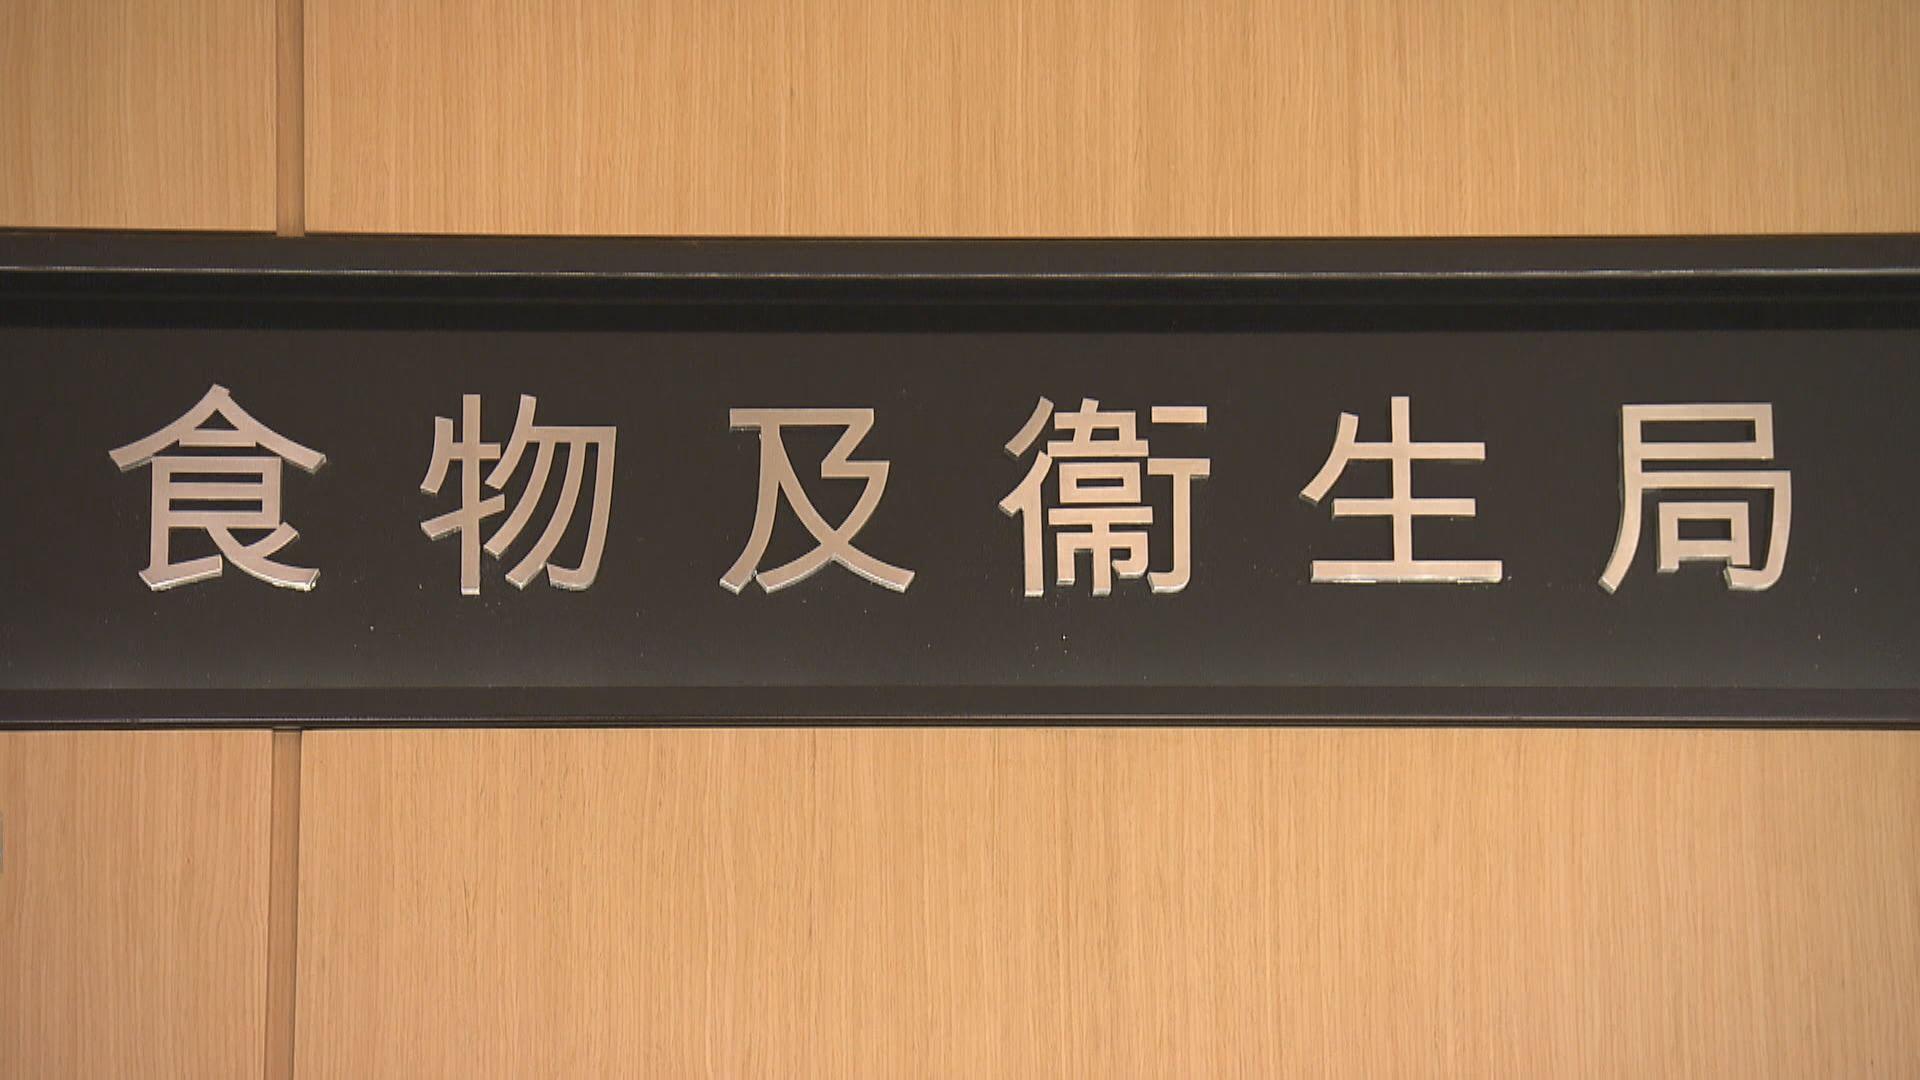 食衞局:暫停委派華大基因服務流動採樣站